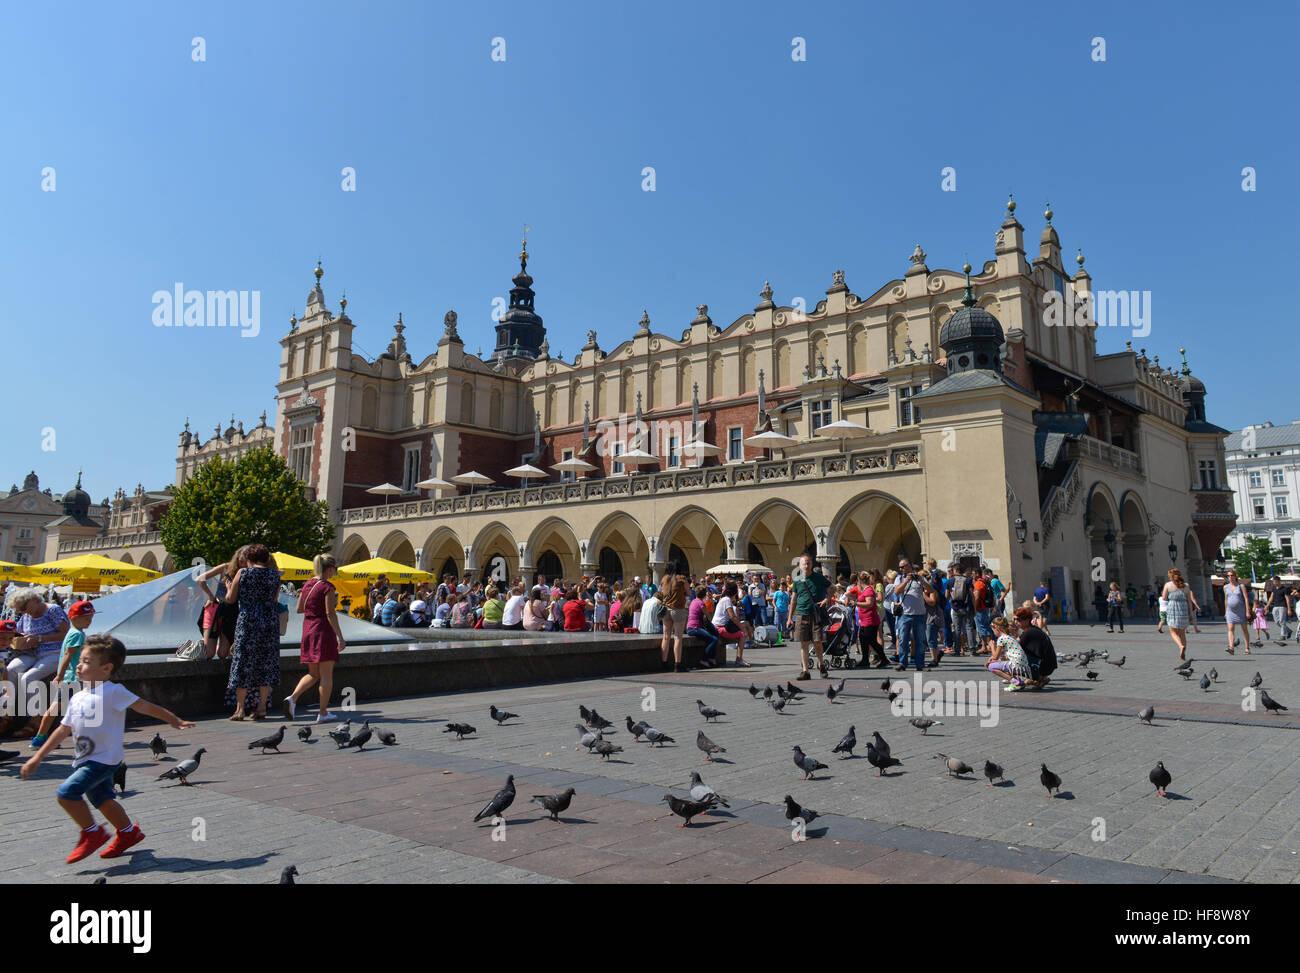 Tuchhallen, Hauptmarkt, Krakau, Polen, Cloth halls, central market, Cracow, Pole Stock Photo